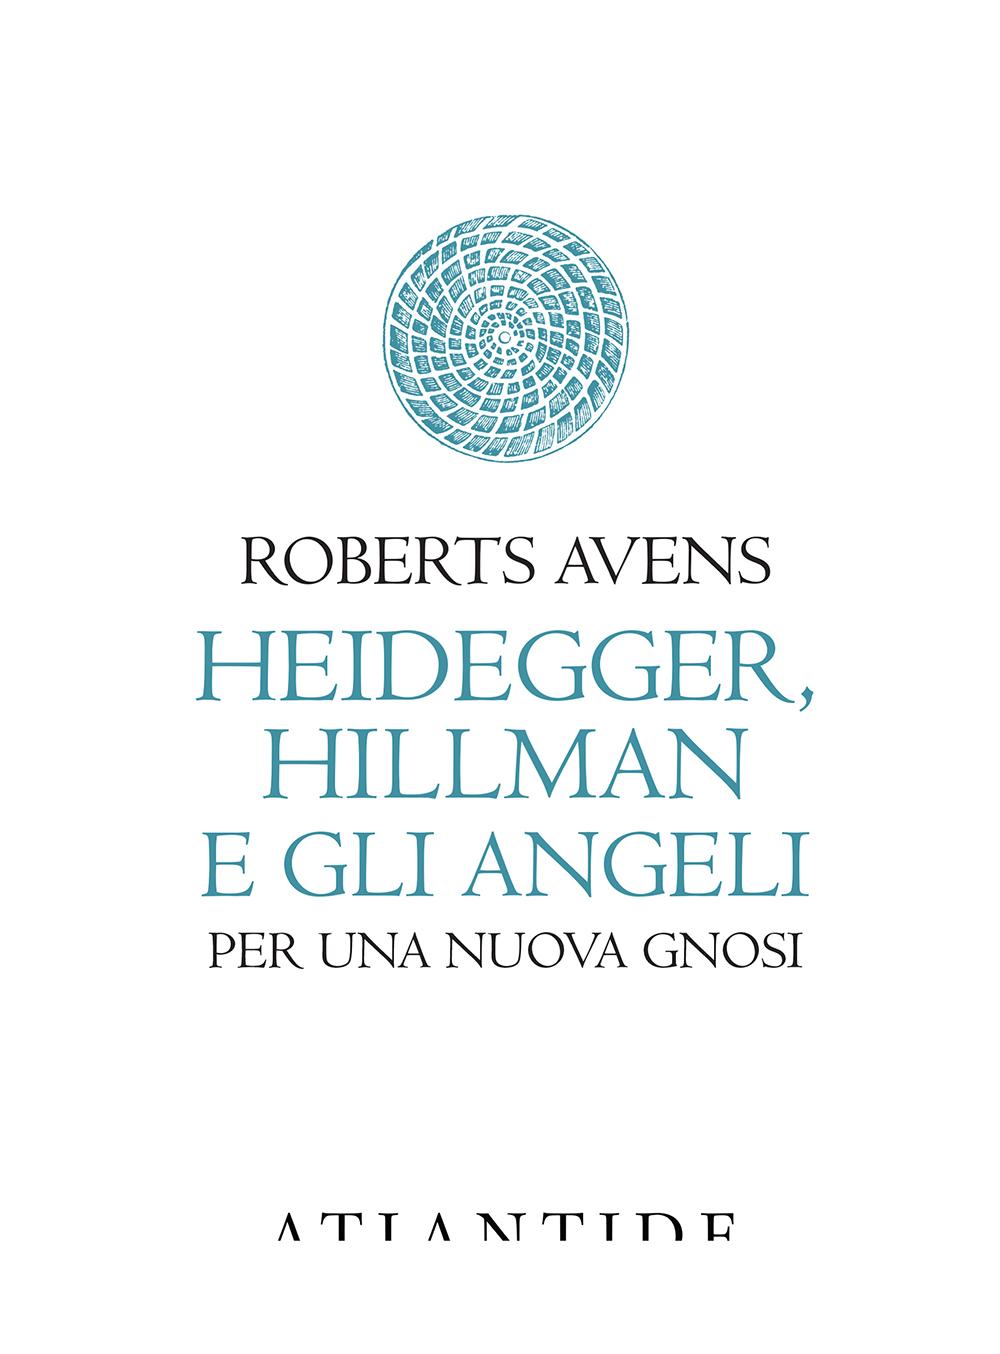 Heidegger, Hillman e gli angeli